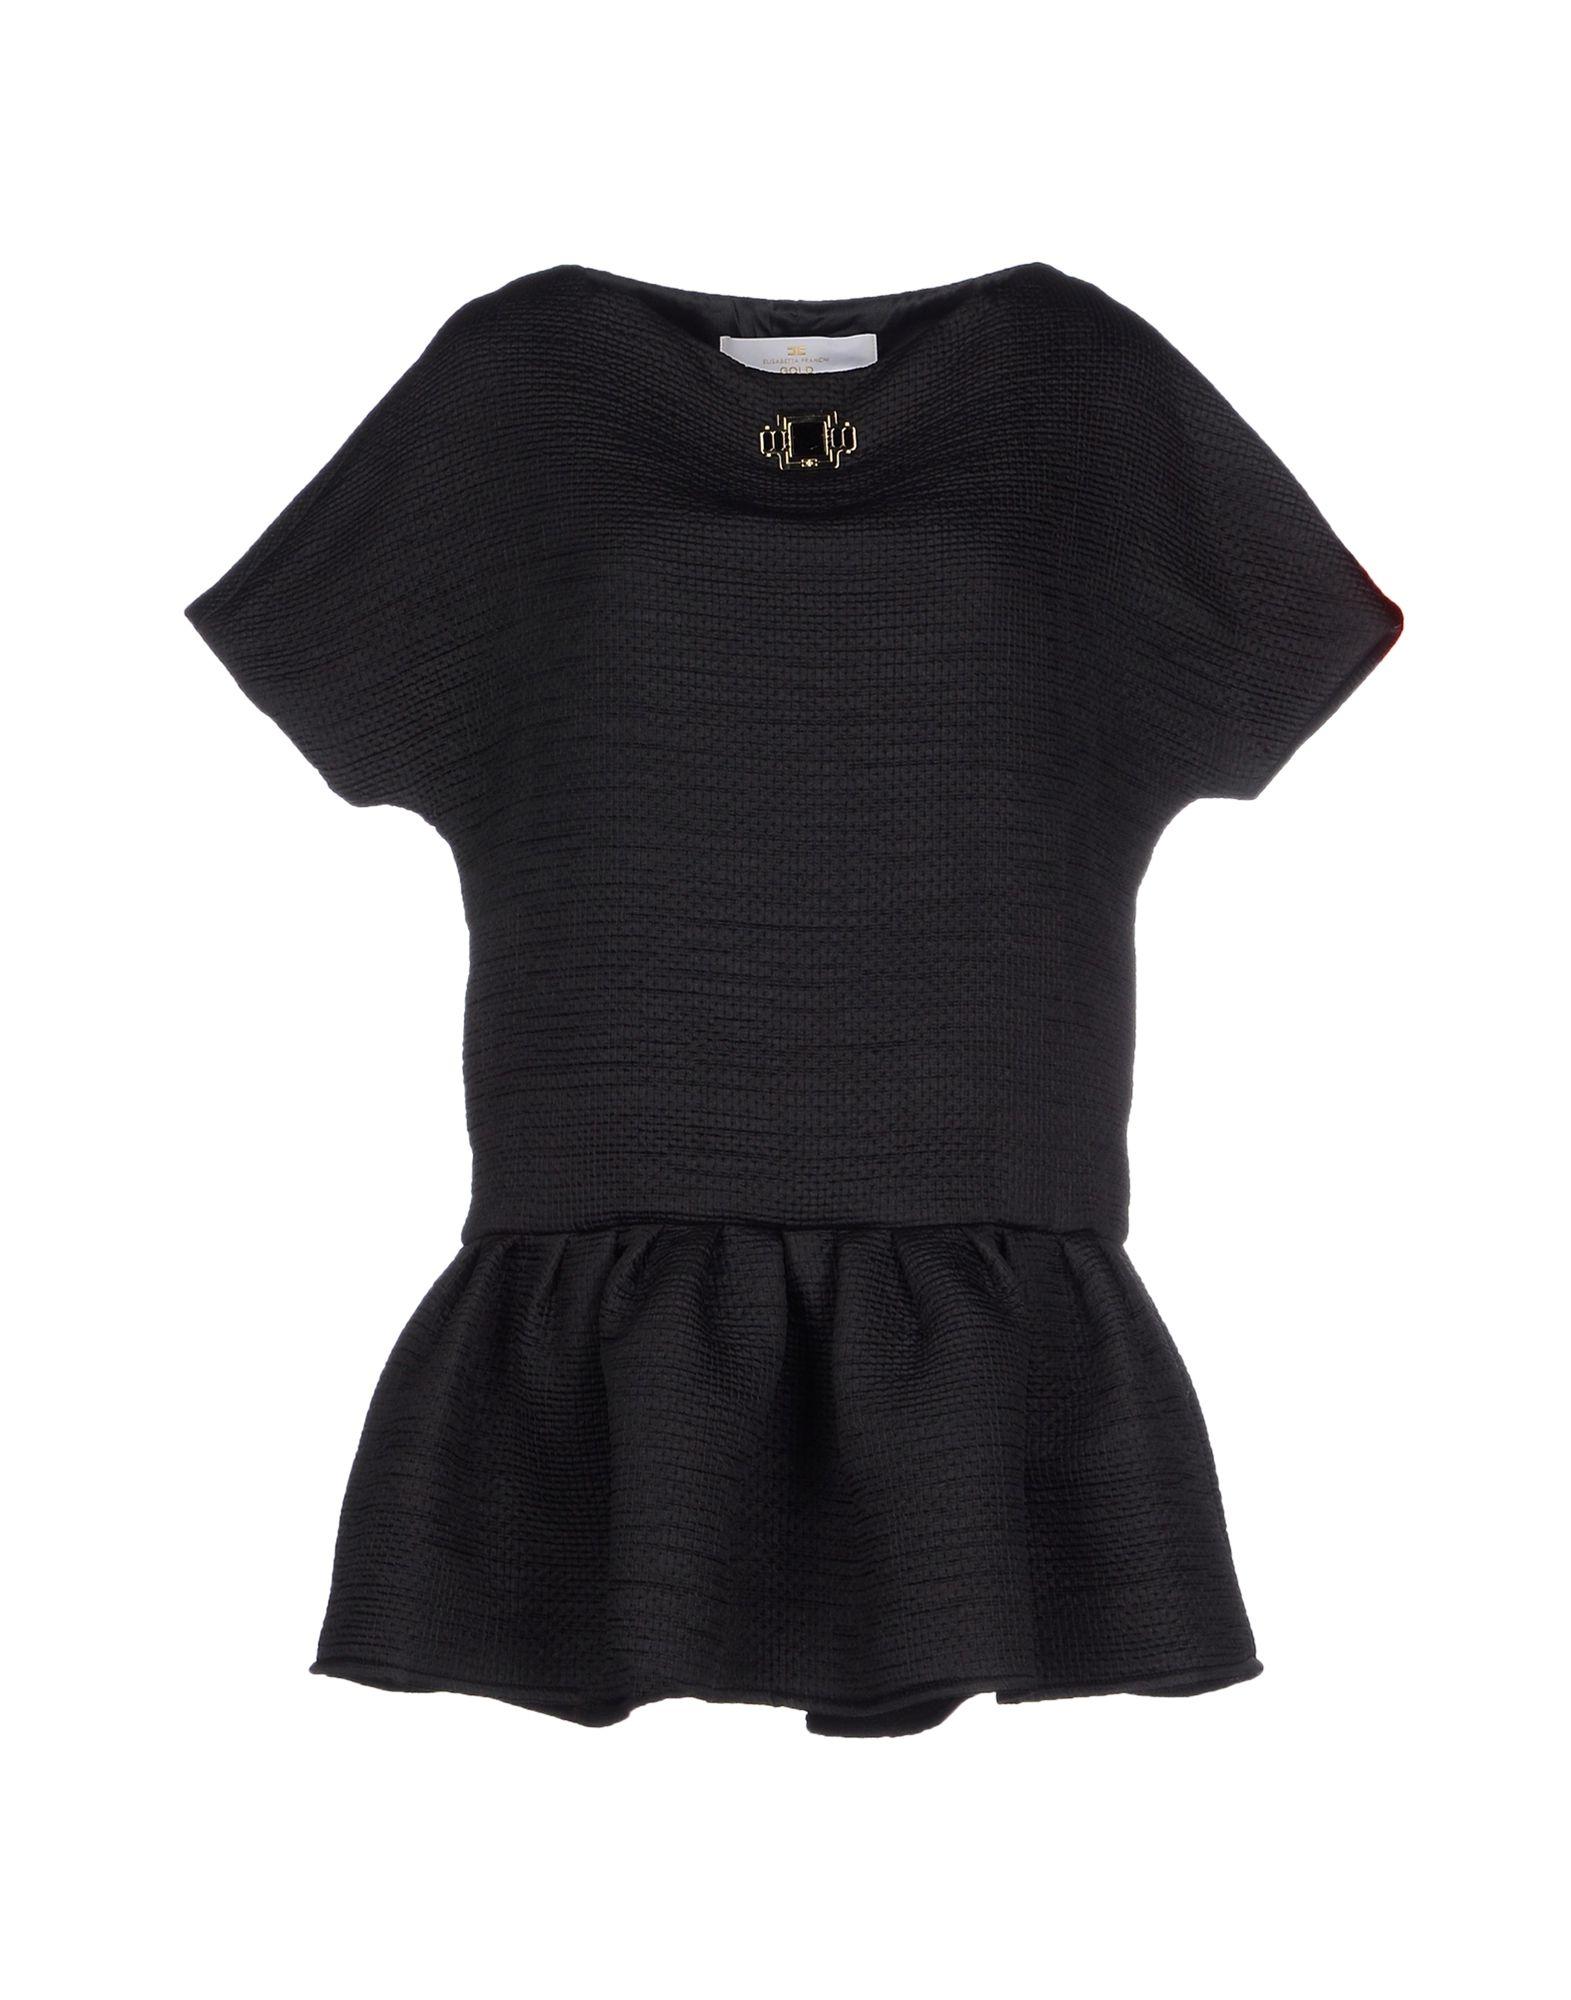 ELISABETTA FRANCHI GOLD Damen Kurzes Kleid Farbe Schwarz Größe 5